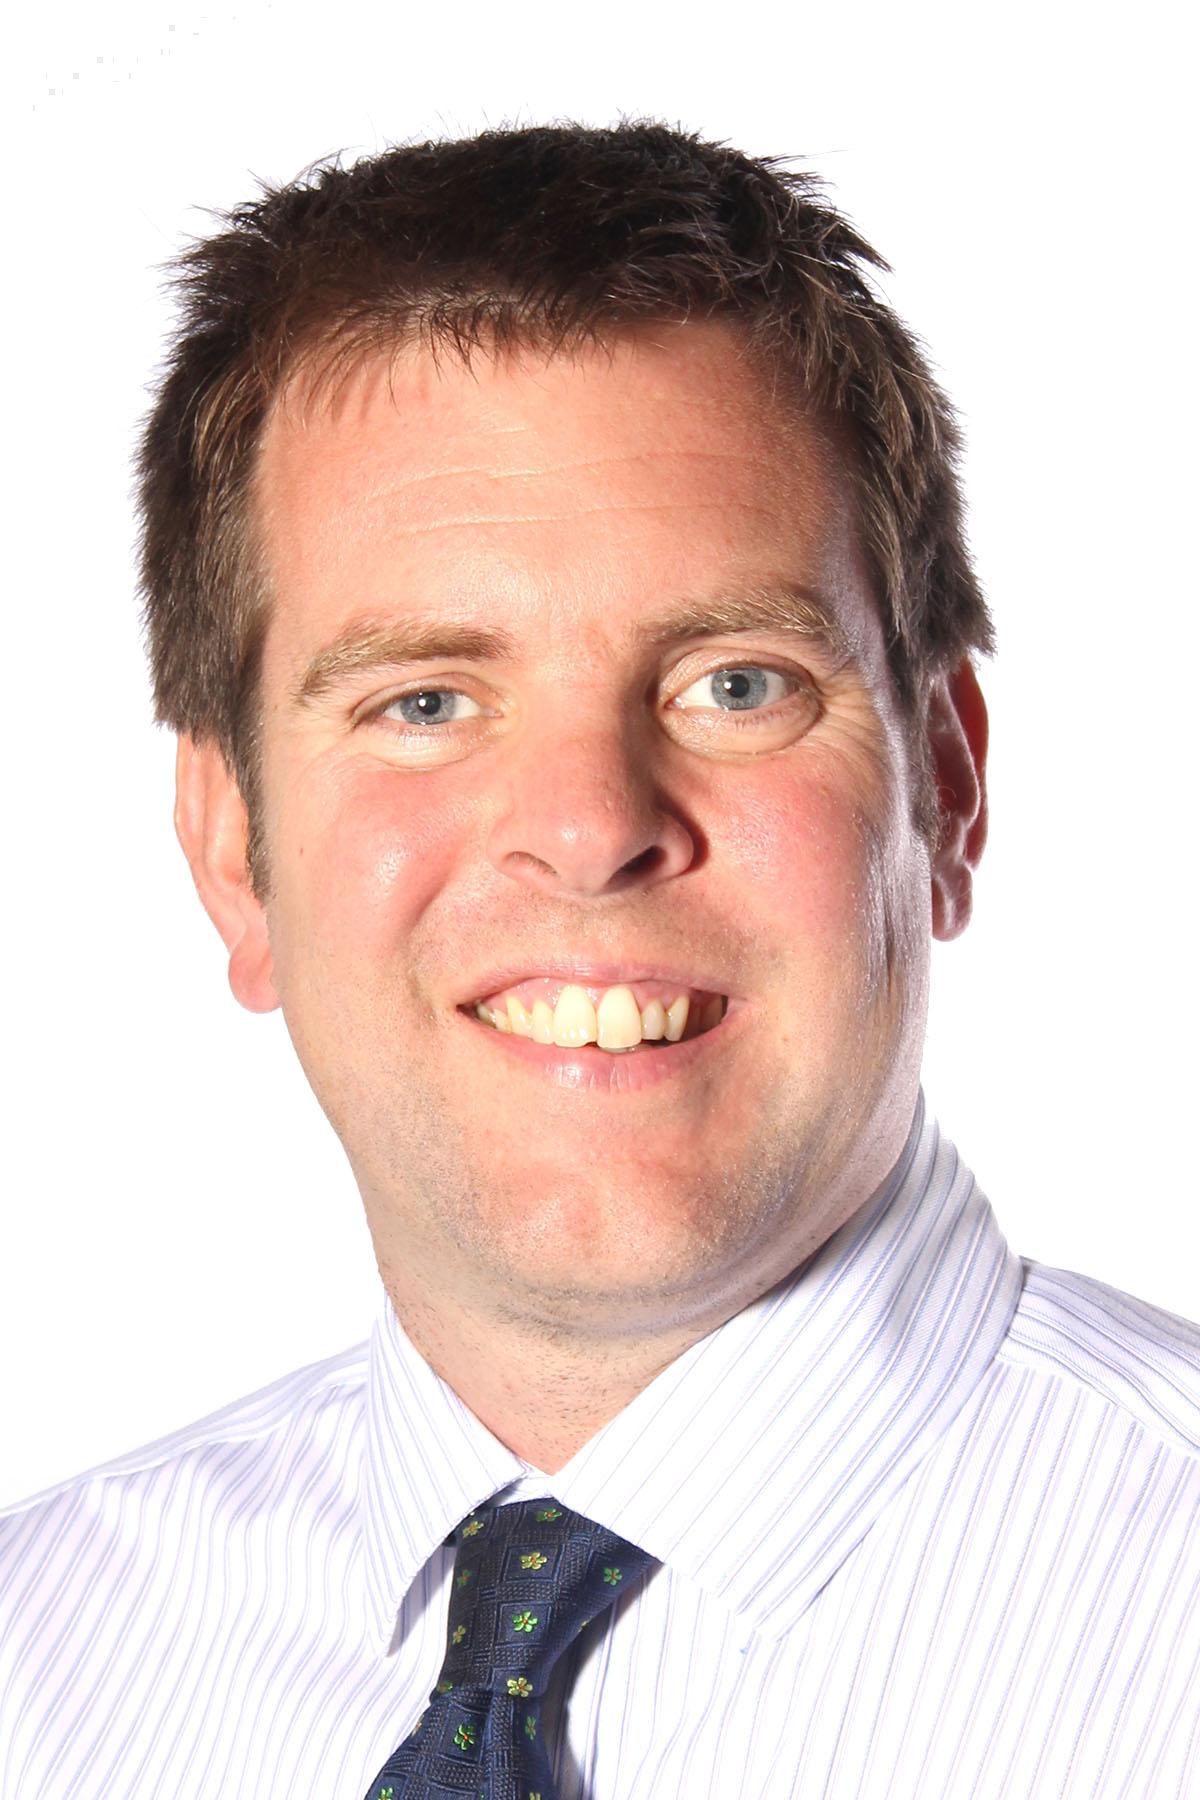 Henry Massey, Trustee